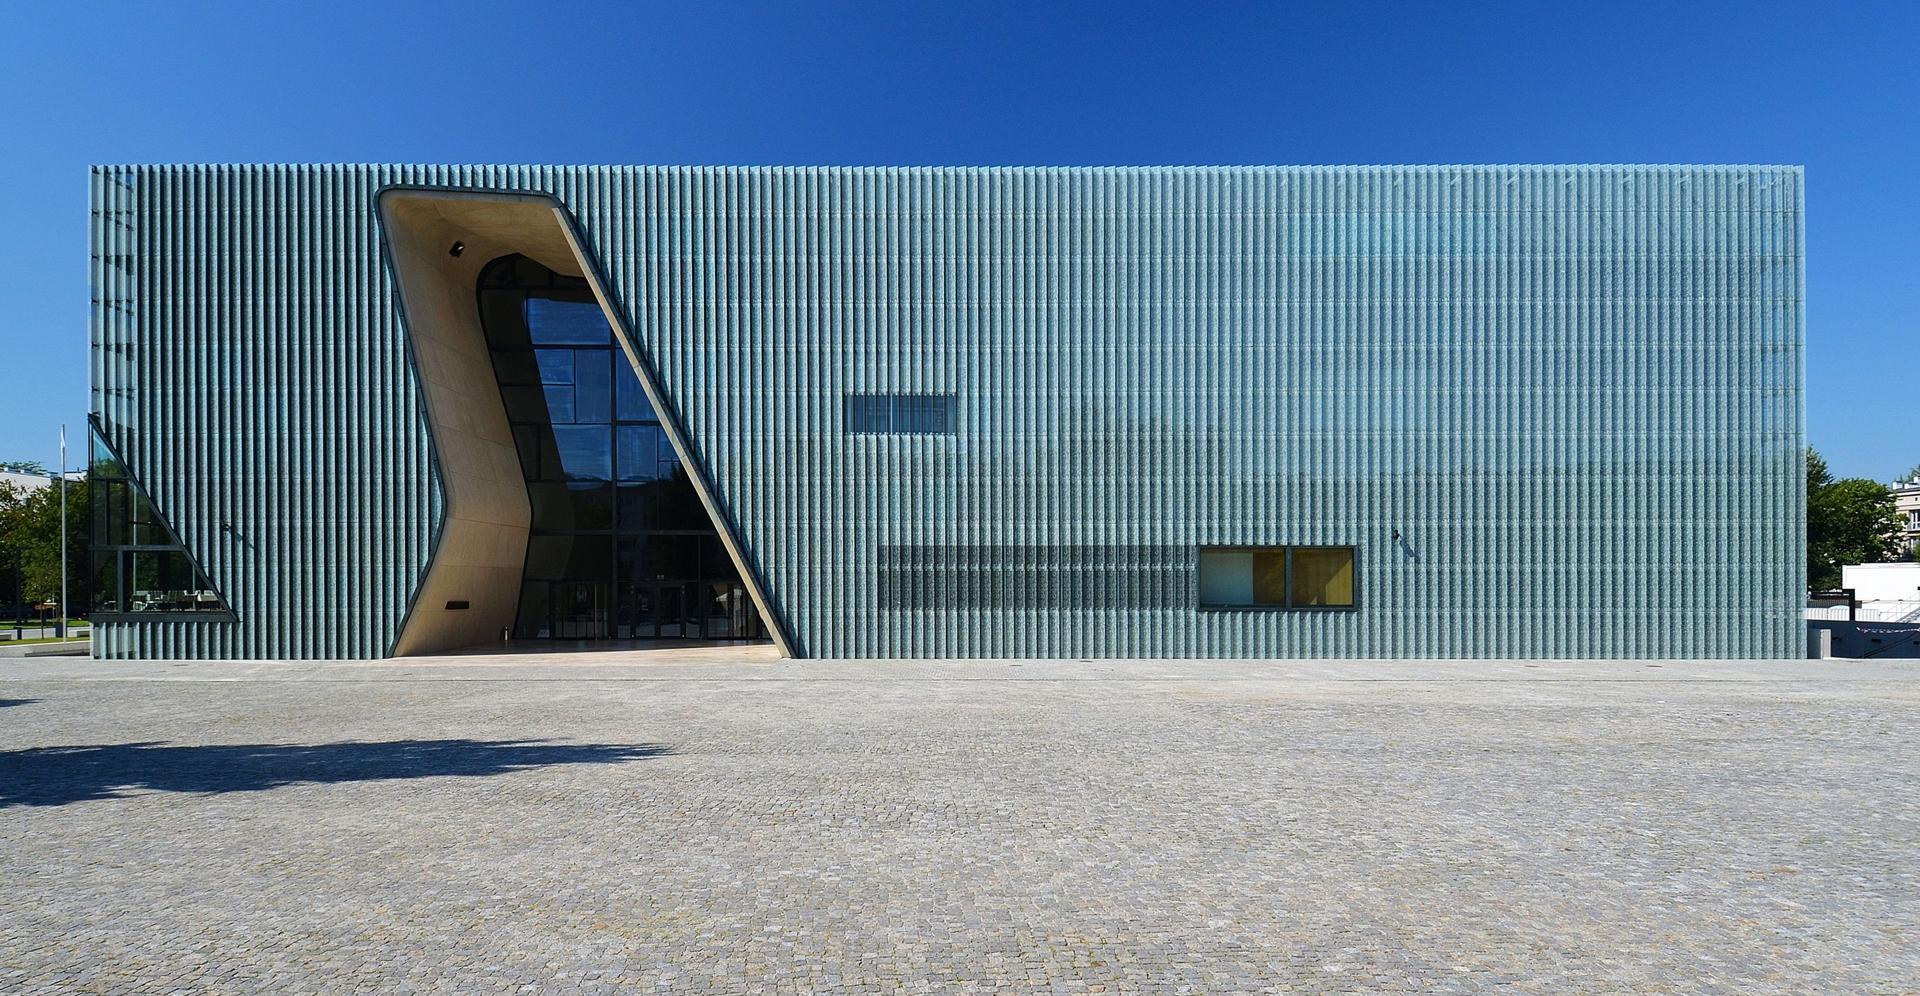 Zdjęcie przedstawia budynek Muzeum Żydów Polskich POLIN w Warszawie.